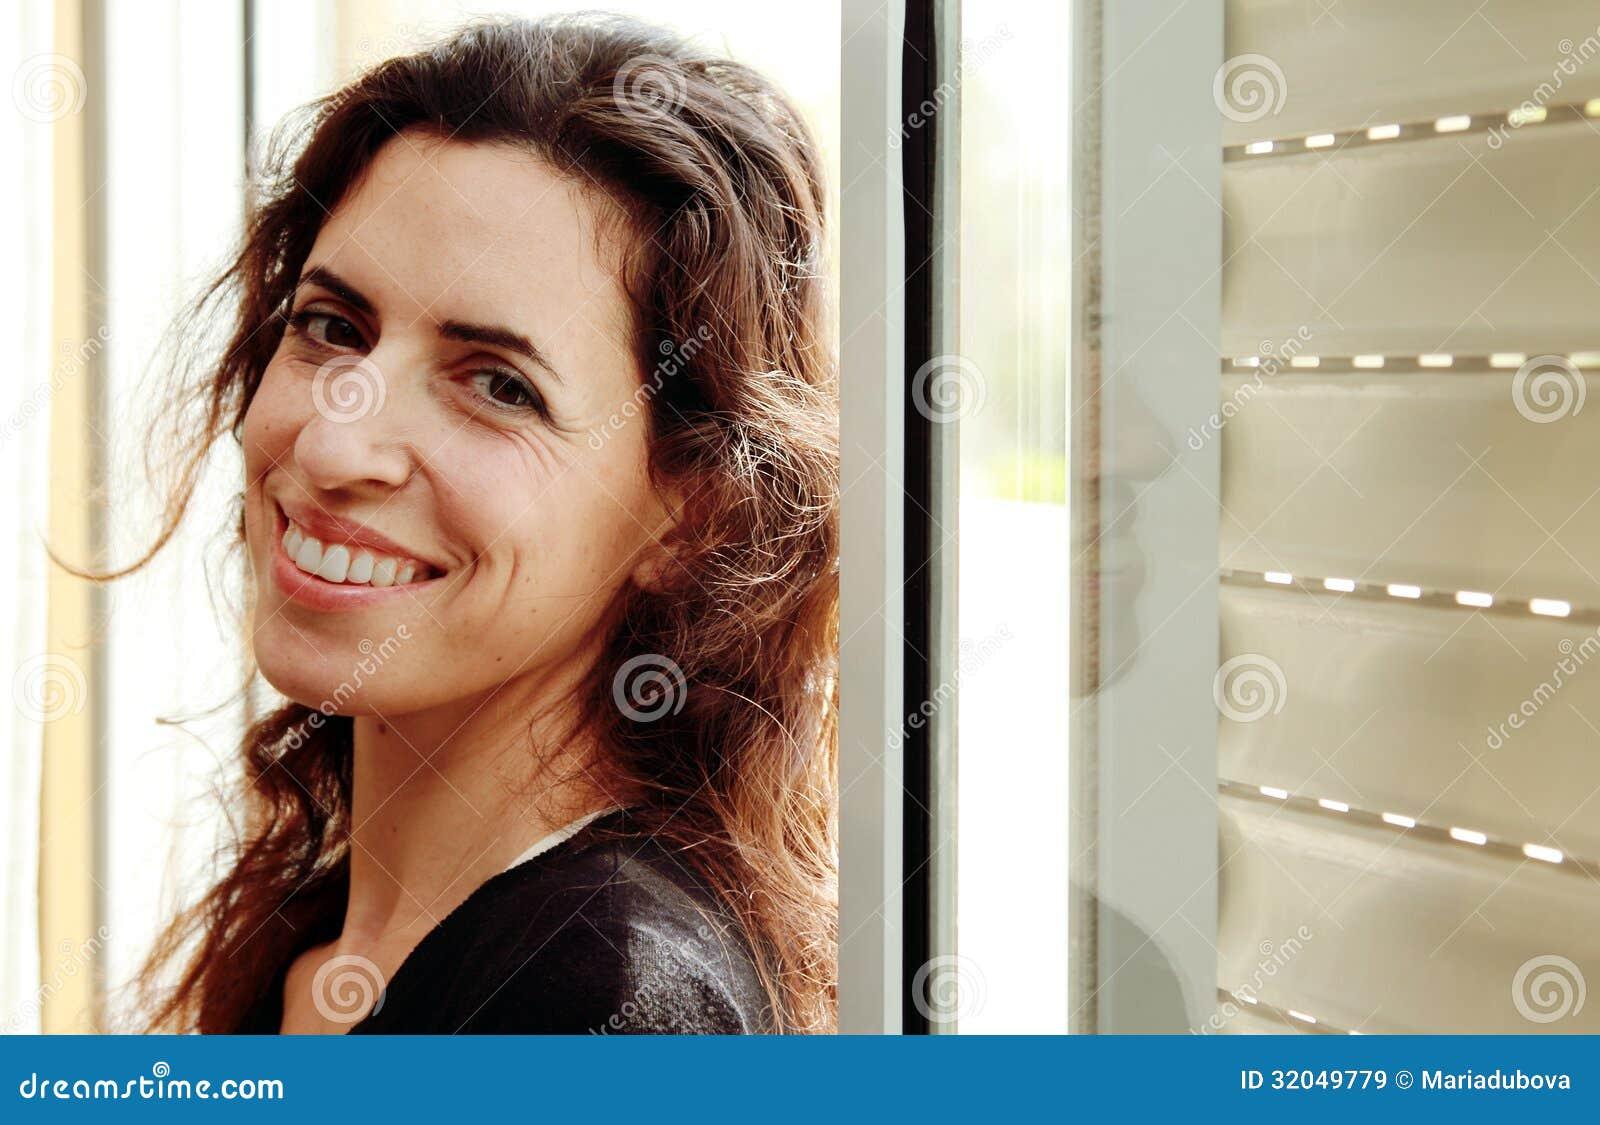 Beautiful 35 years old woman